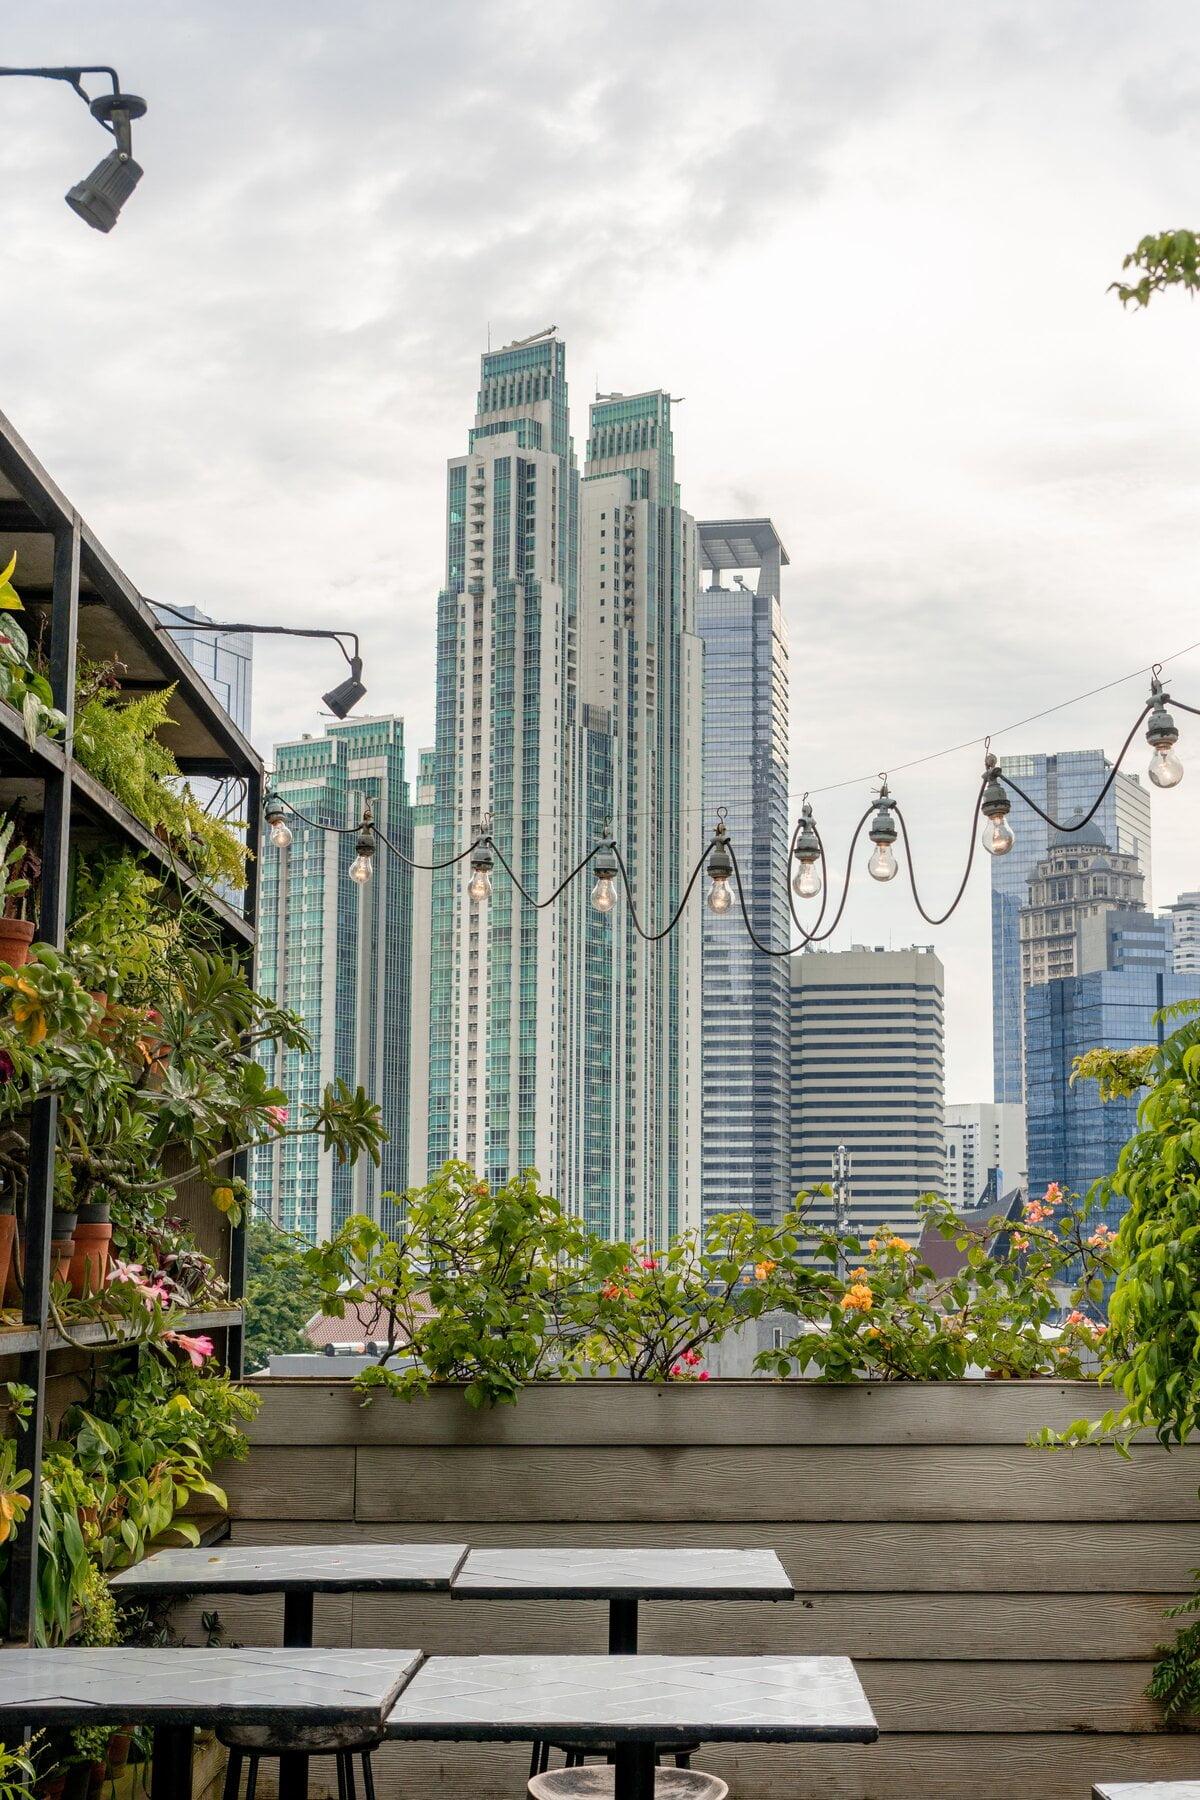 Image description. green urban space versus grey urban space